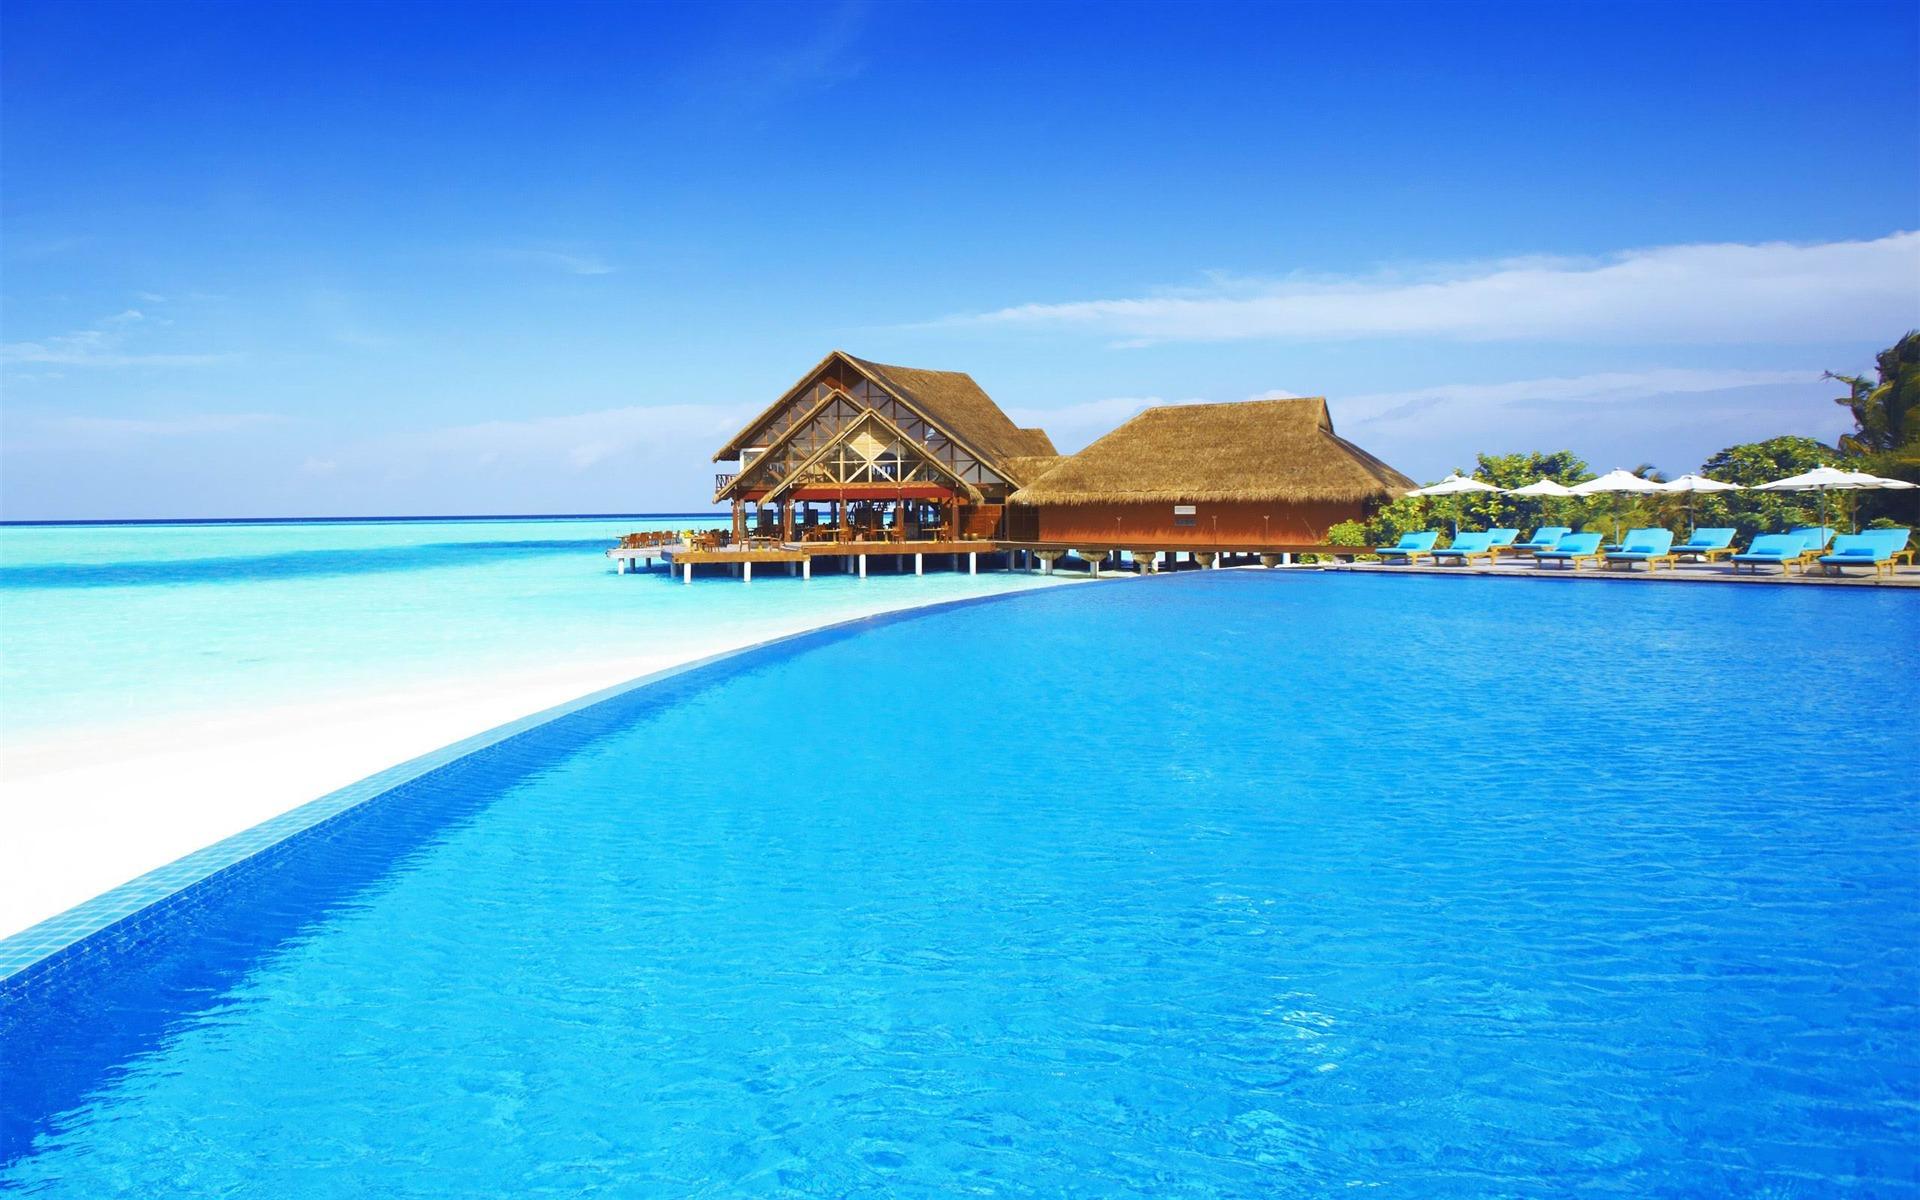 马尔代夫唯美海滩电脑壁纸图片